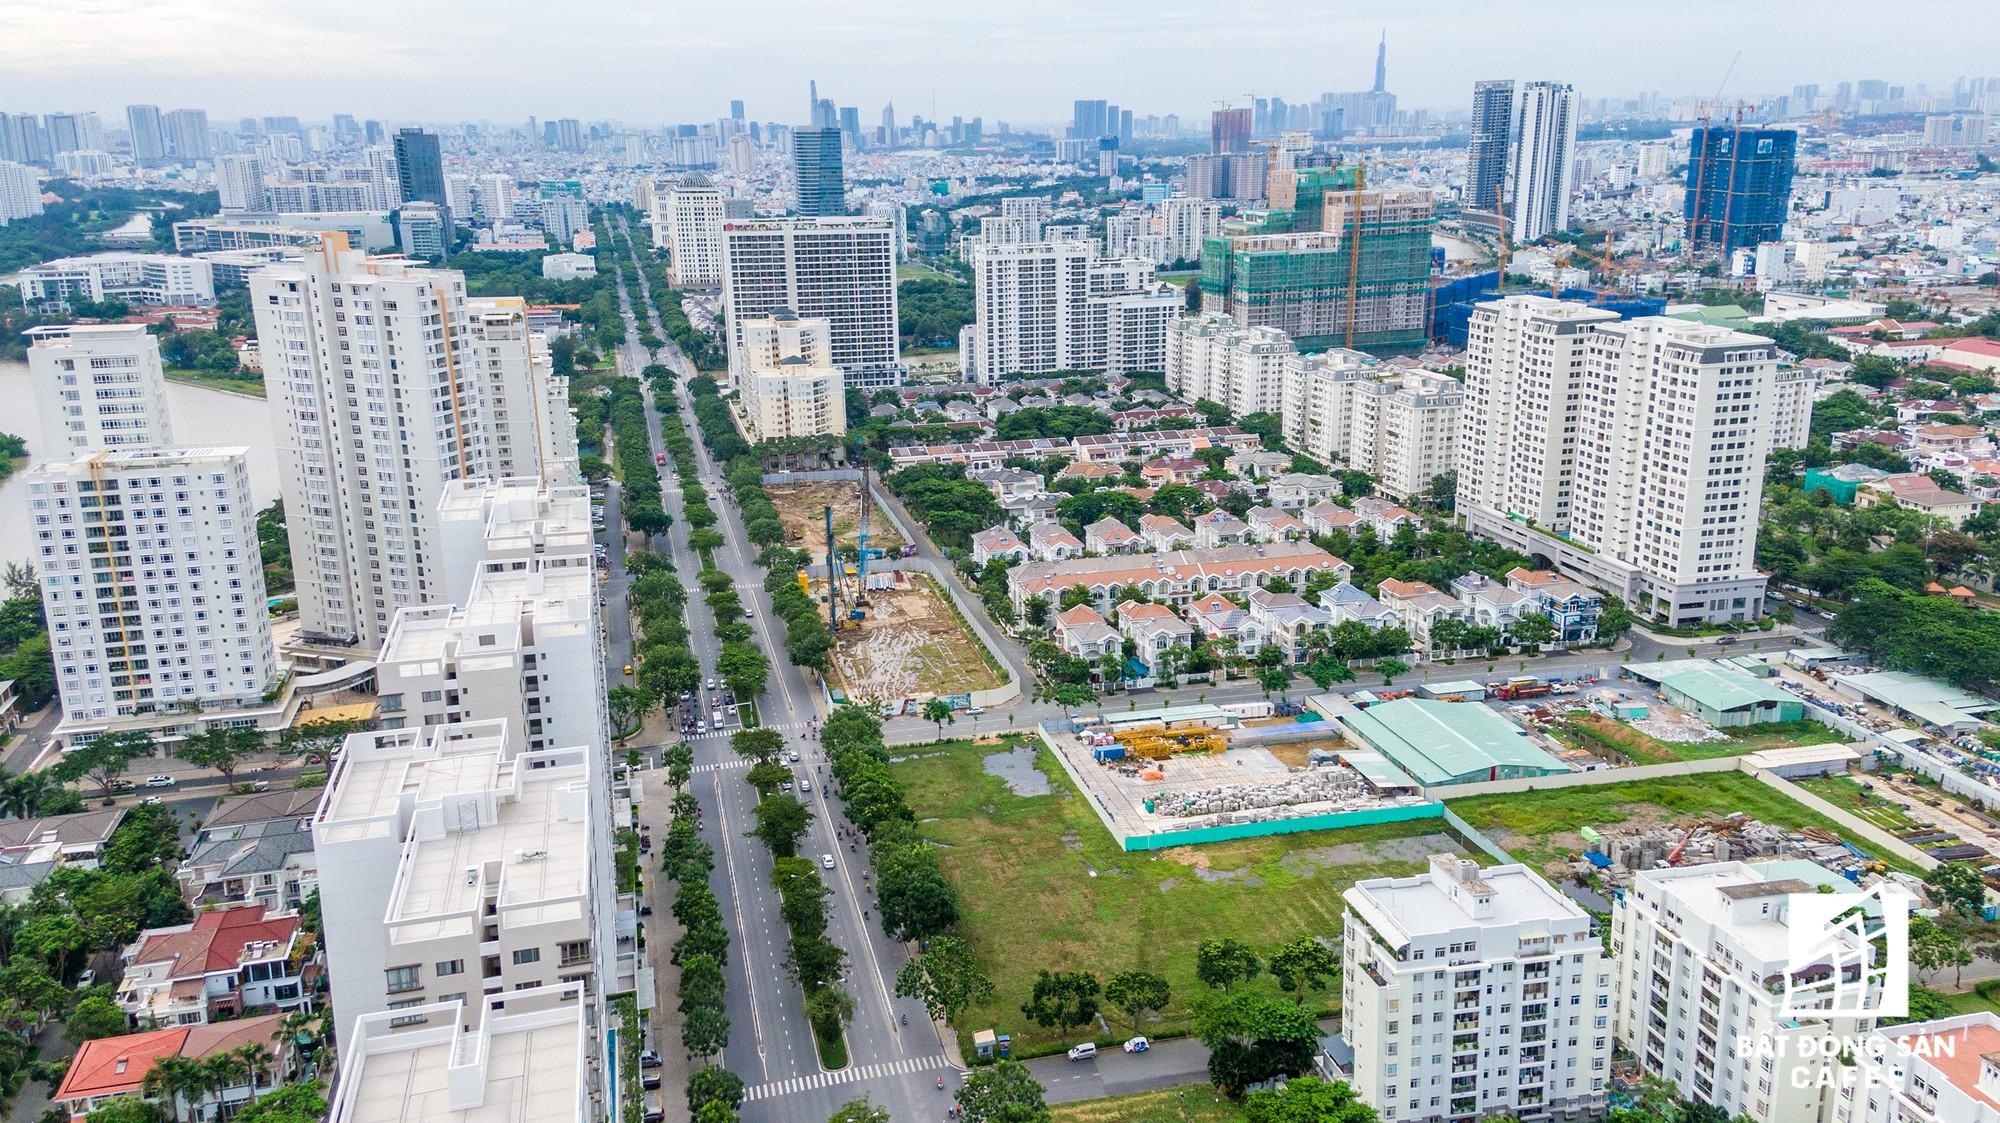 Toàn cảnh đại lộ tỷ đô đã tạo nên một thị trường bất động sản rất riêng cho khu Nam Sài Gòn - Ảnh 18.